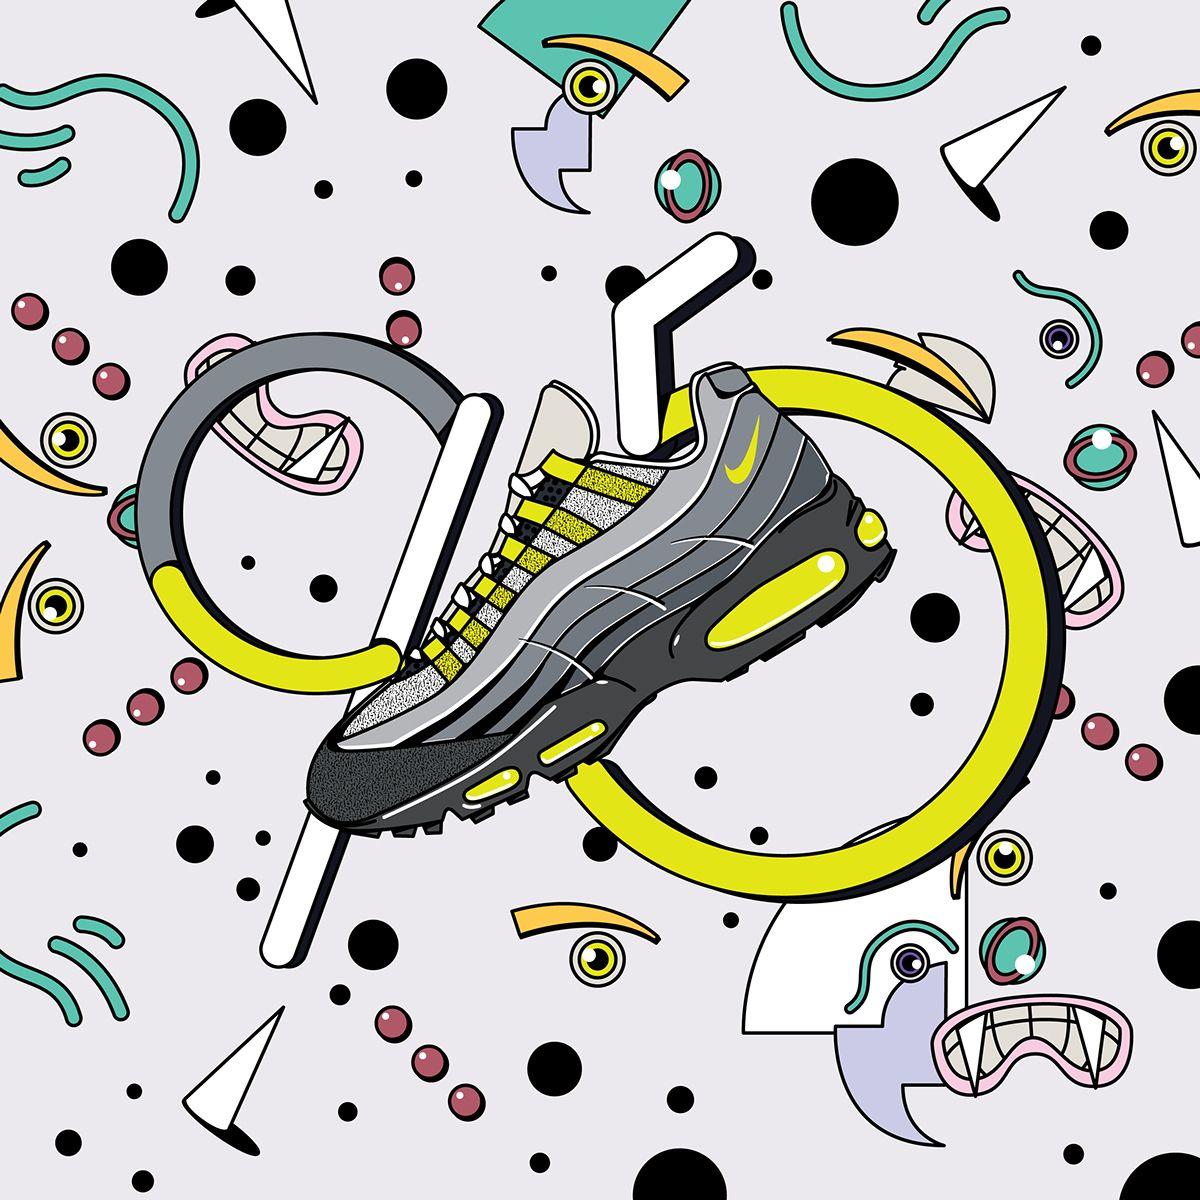 Nike Air Max 95 on Behance